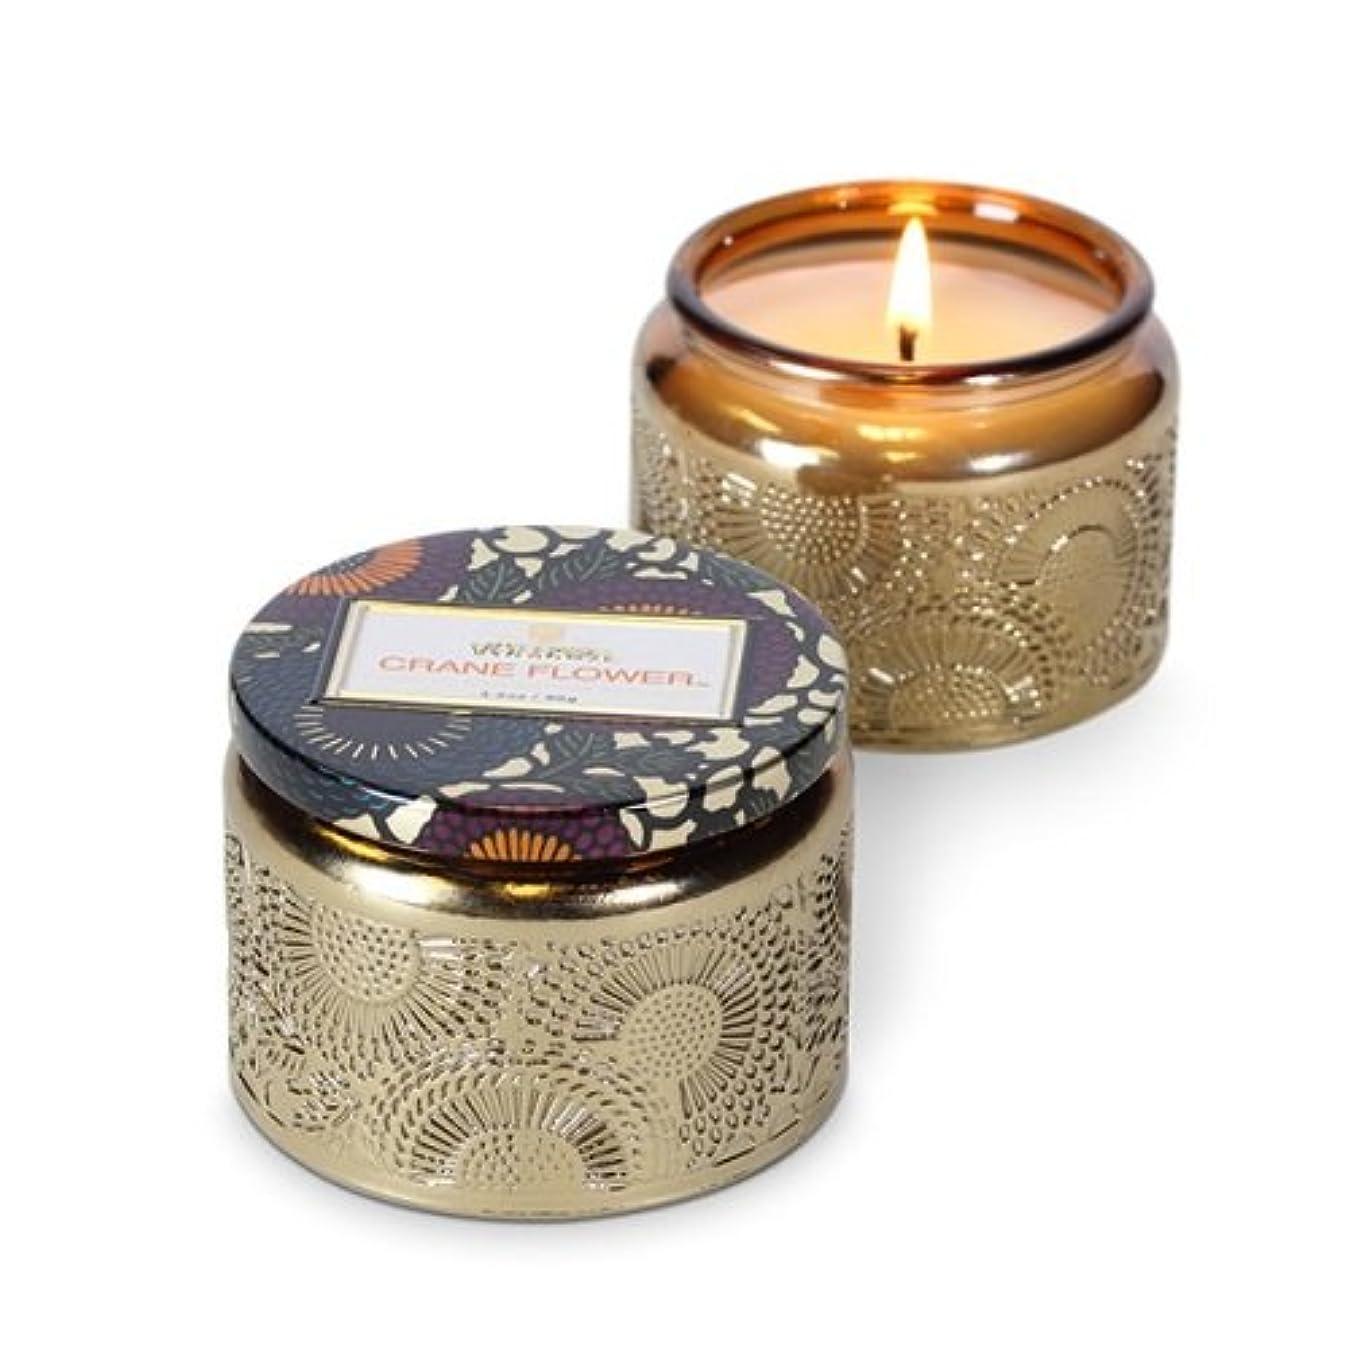 攻撃パノラマ出演者Voluspa ボルスパ ジャポニカ グラスジャーキャンドル S クレーンフラワー JAPONICA Glass jar candle CRANE FLOWER